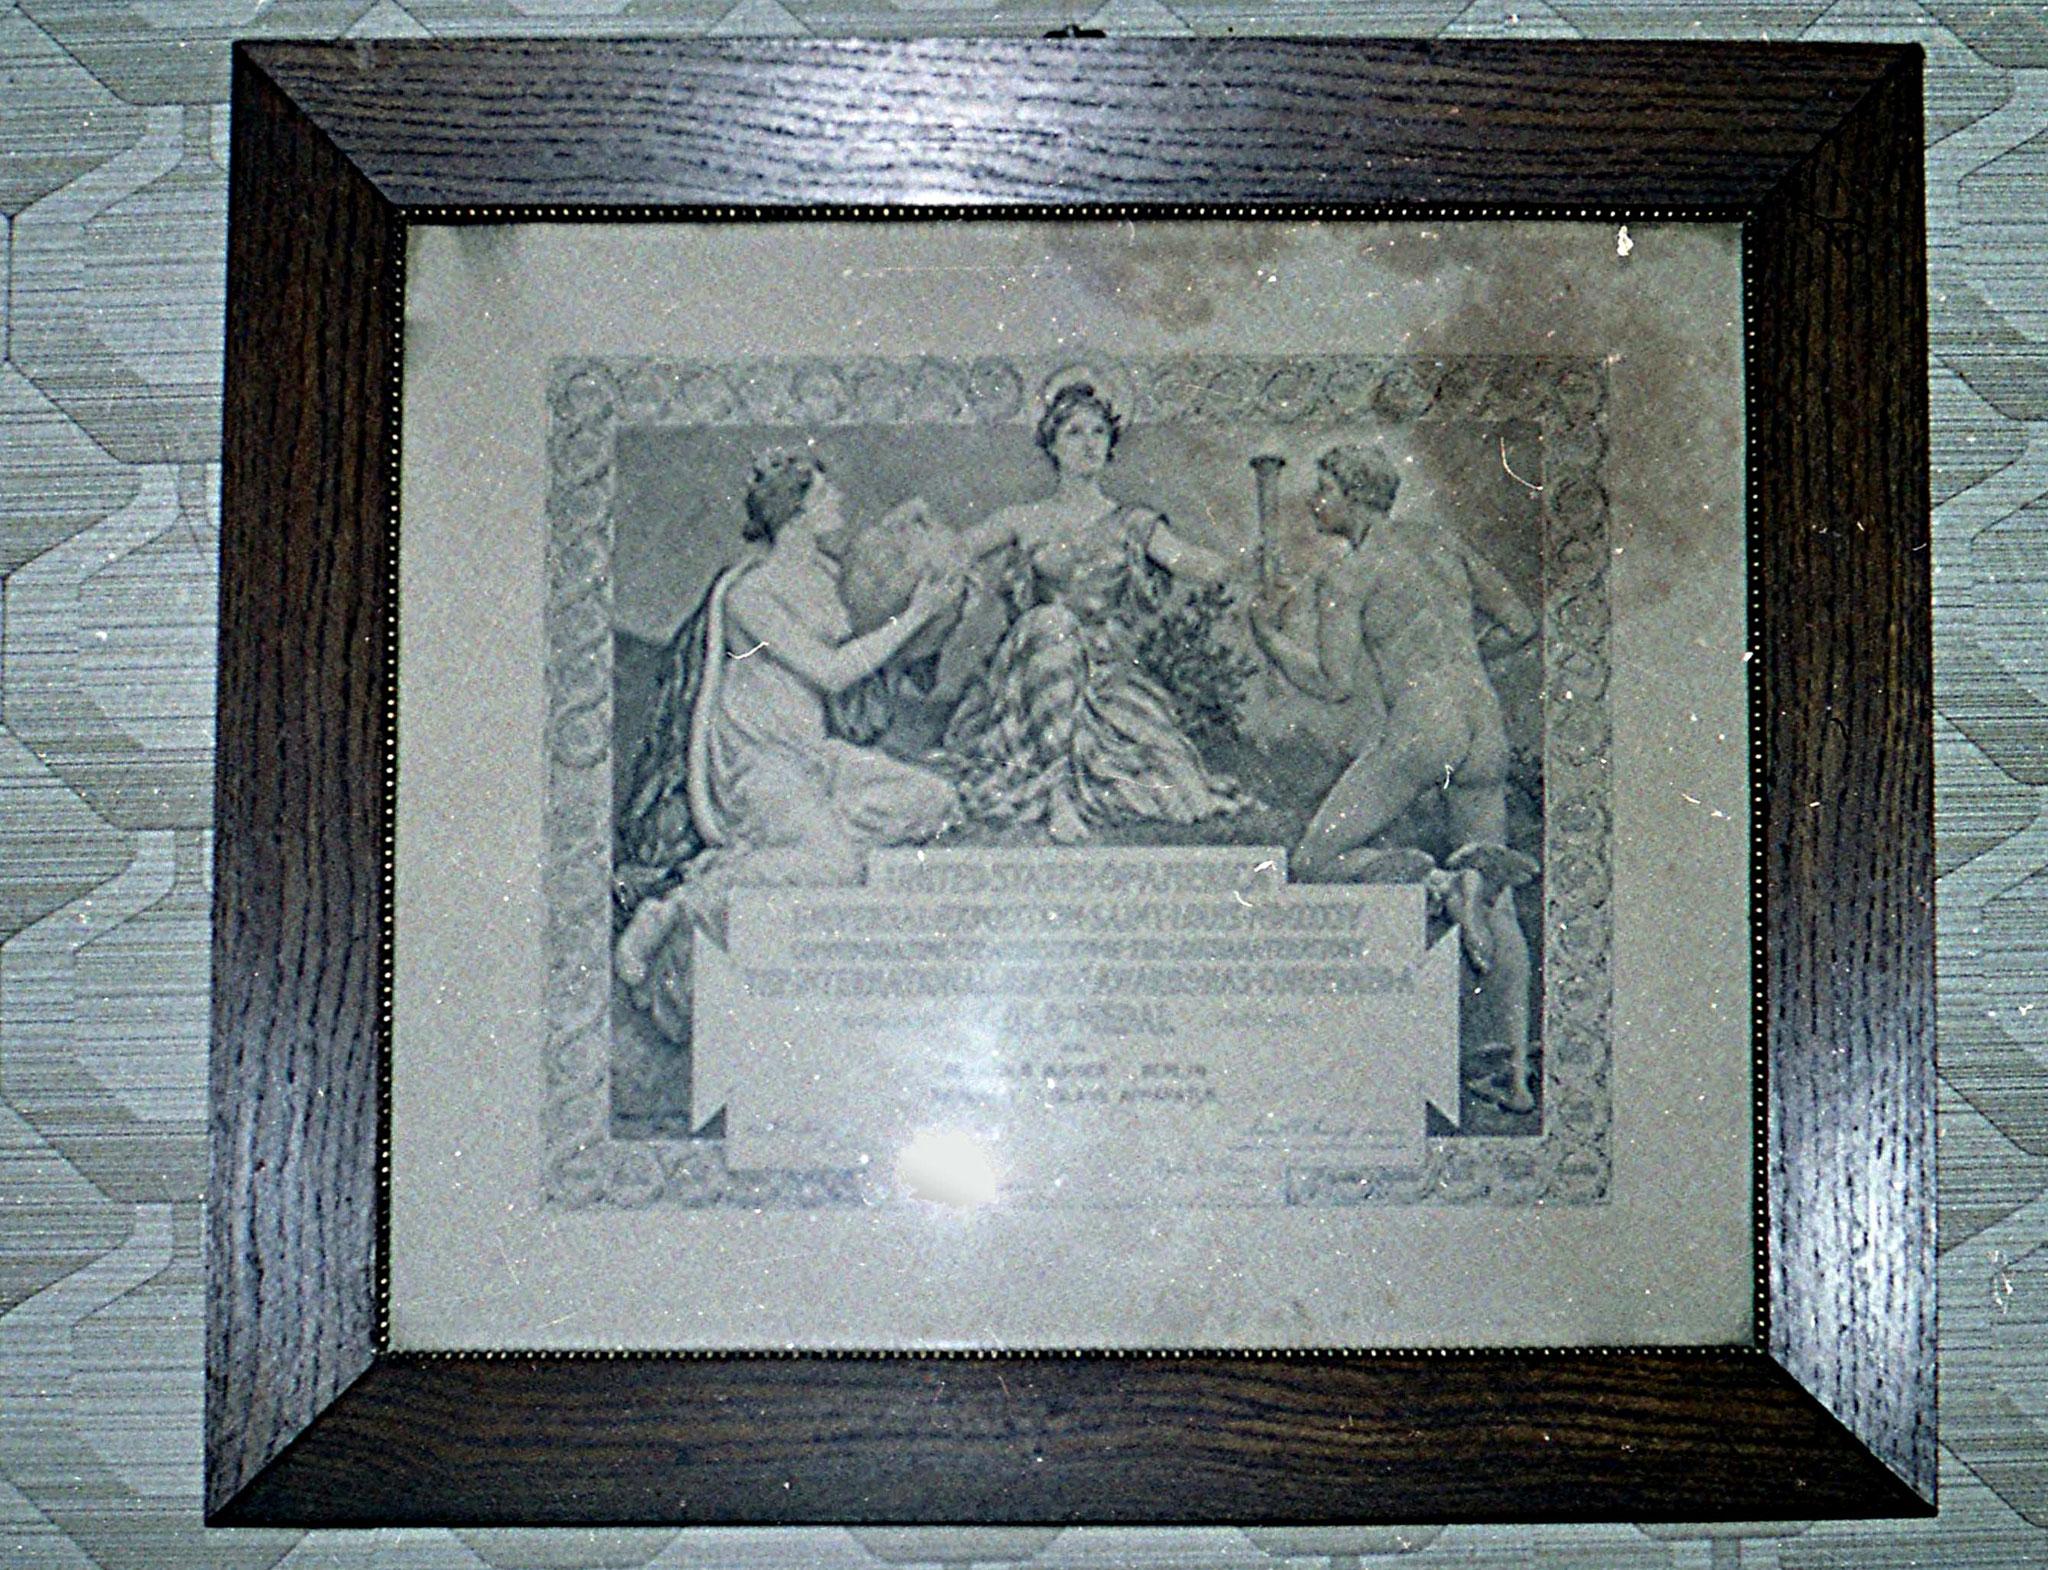 Bild: Urkunde zur Goldmedaille Weltausstellung St. Louis 1904